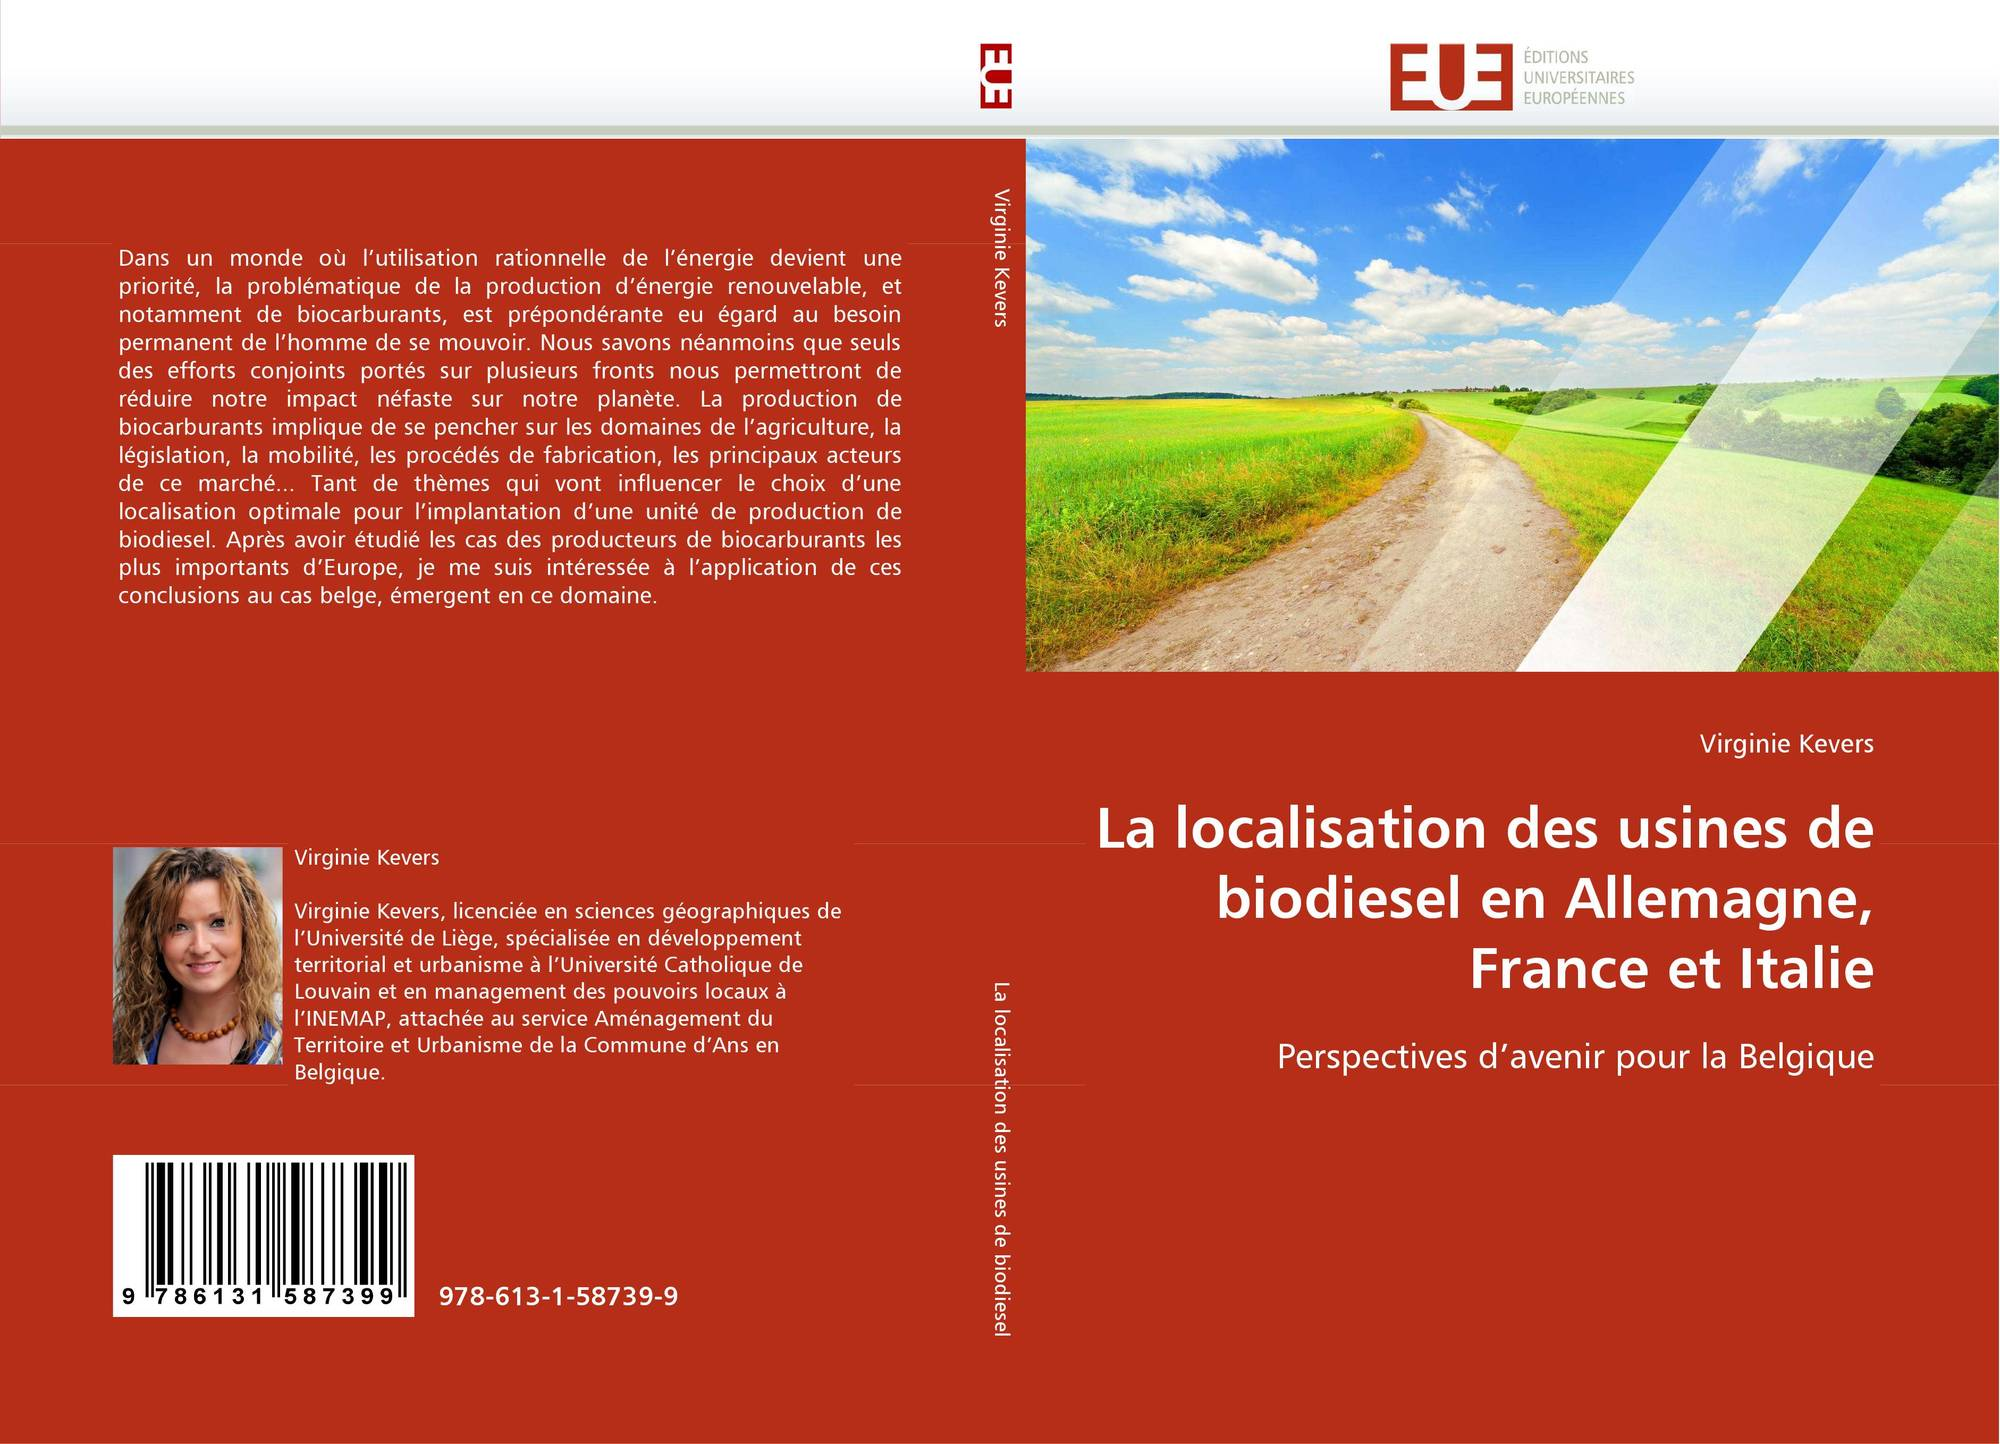 la localisation des usines de biodiesel en allemagne france et italie 978 613 1 58739 9. Black Bedroom Furniture Sets. Home Design Ideas